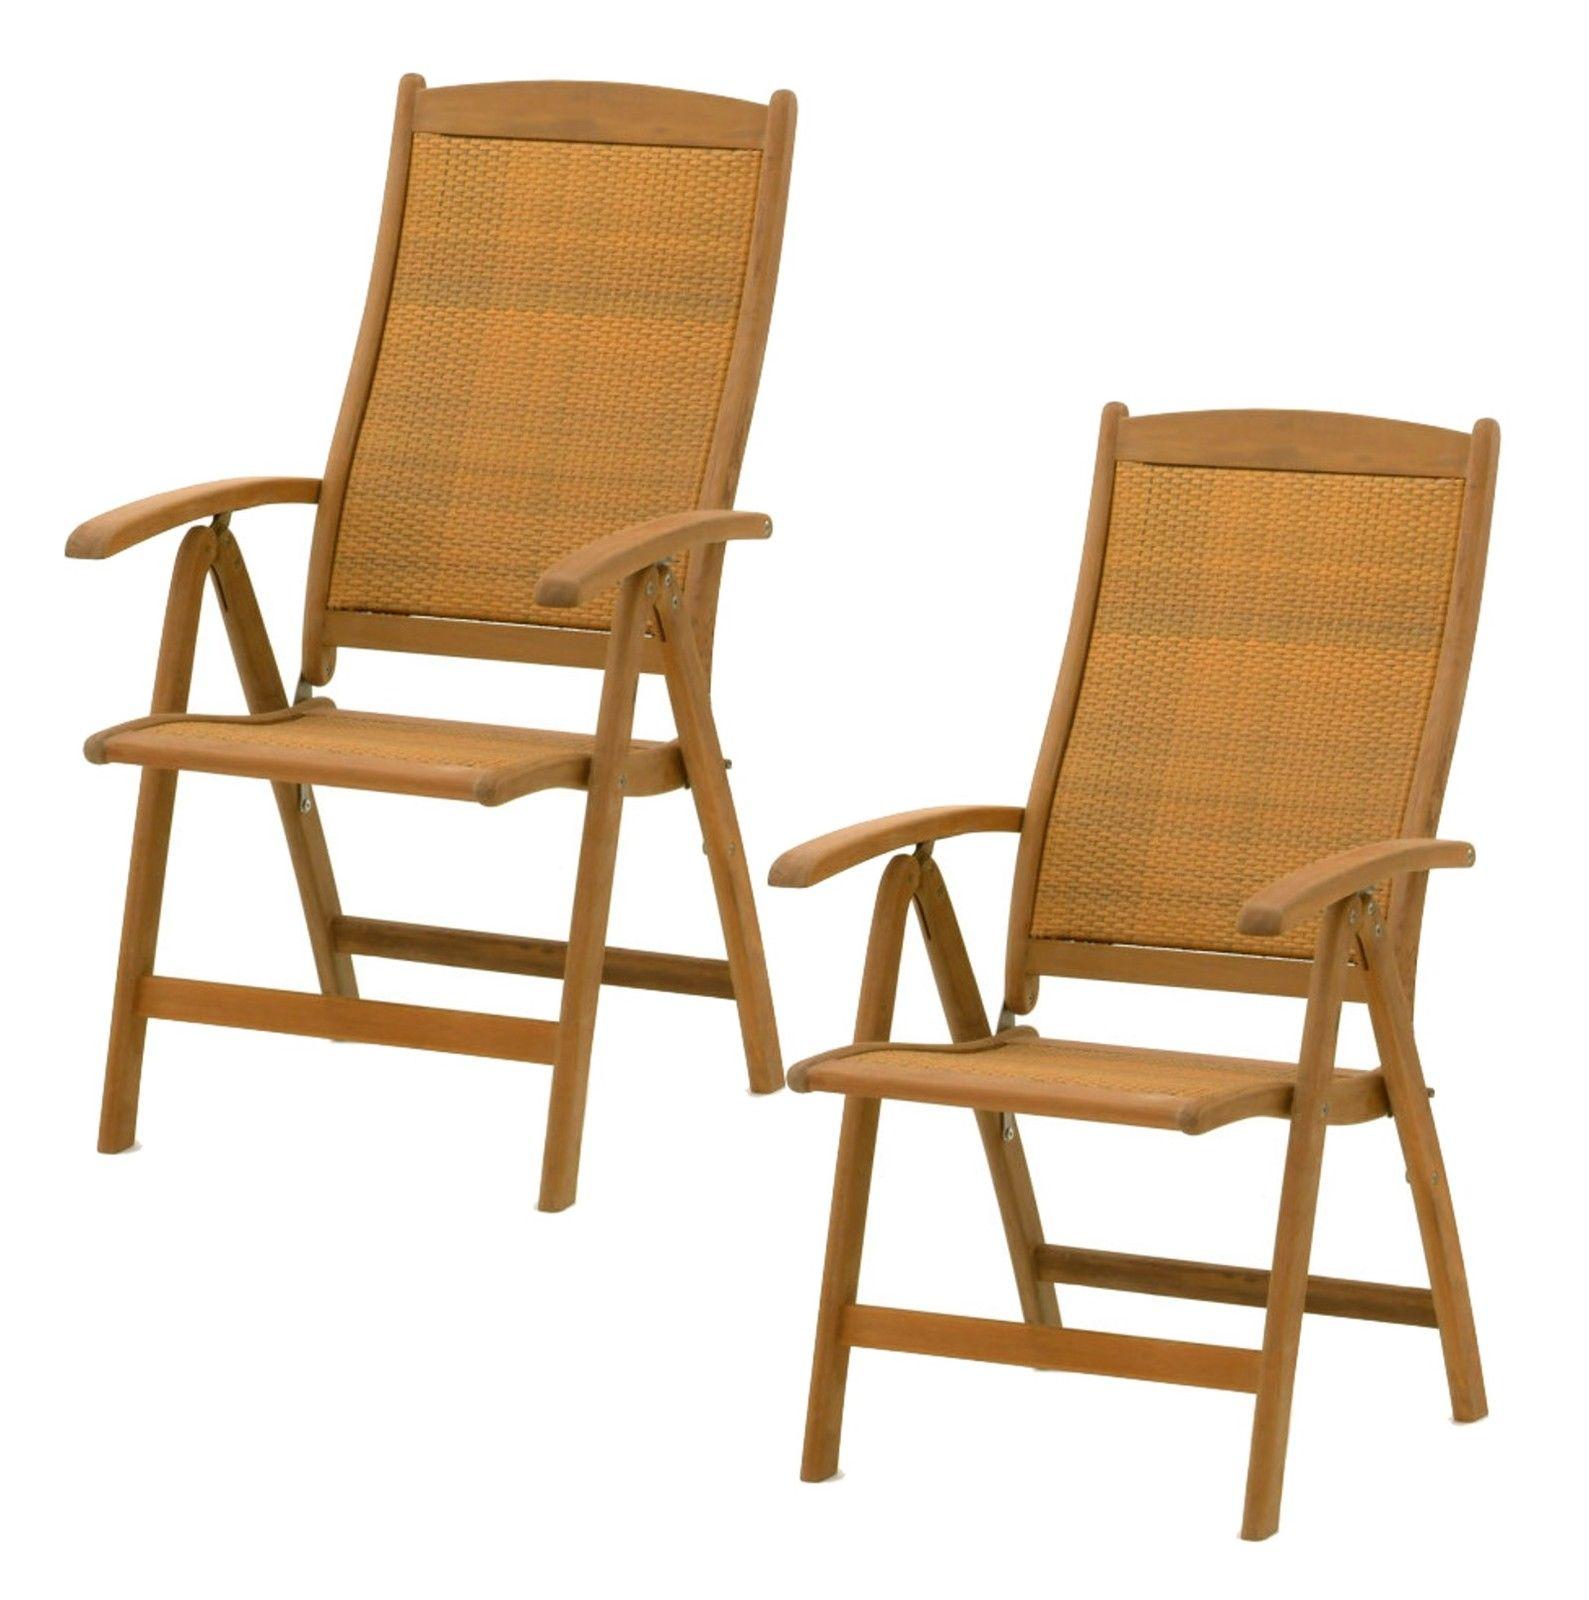 2x belardo hartholz hochlehner rattan garten sessel holz gartenstuhl stuhl set ebay. Black Bedroom Furniture Sets. Home Design Ideas